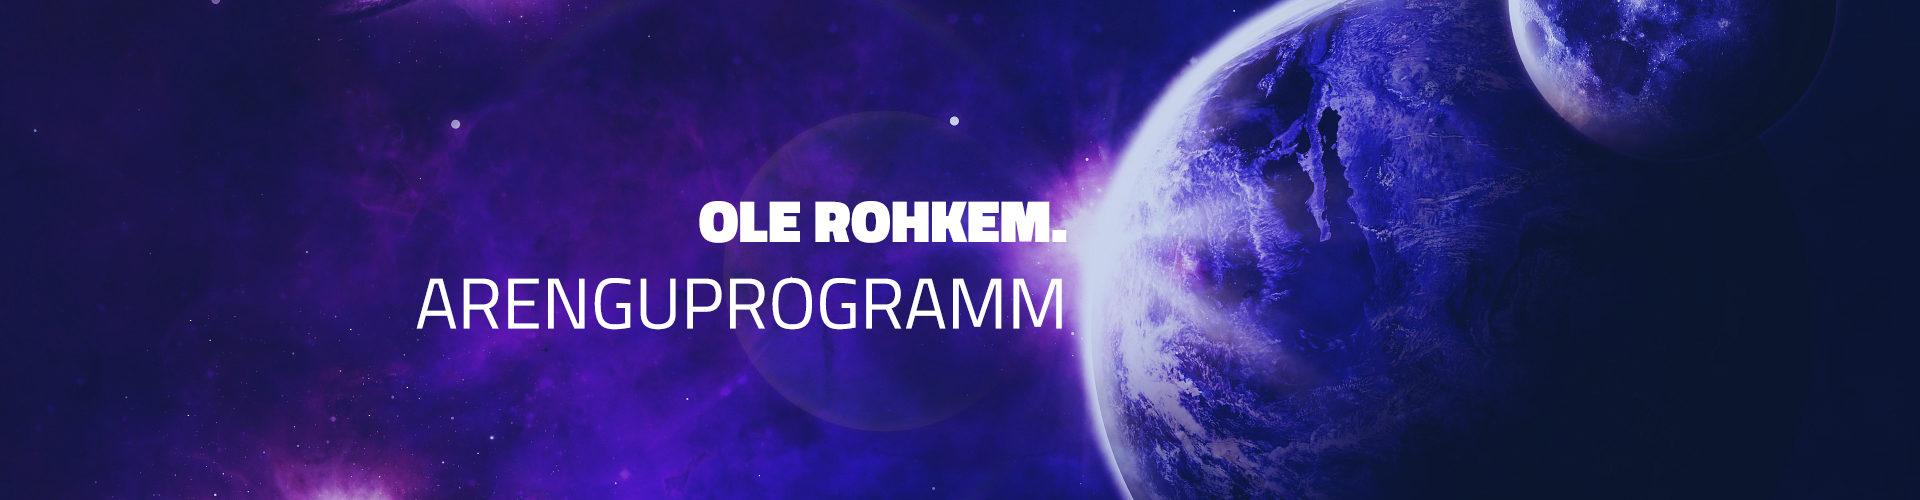 Arenguprogramm